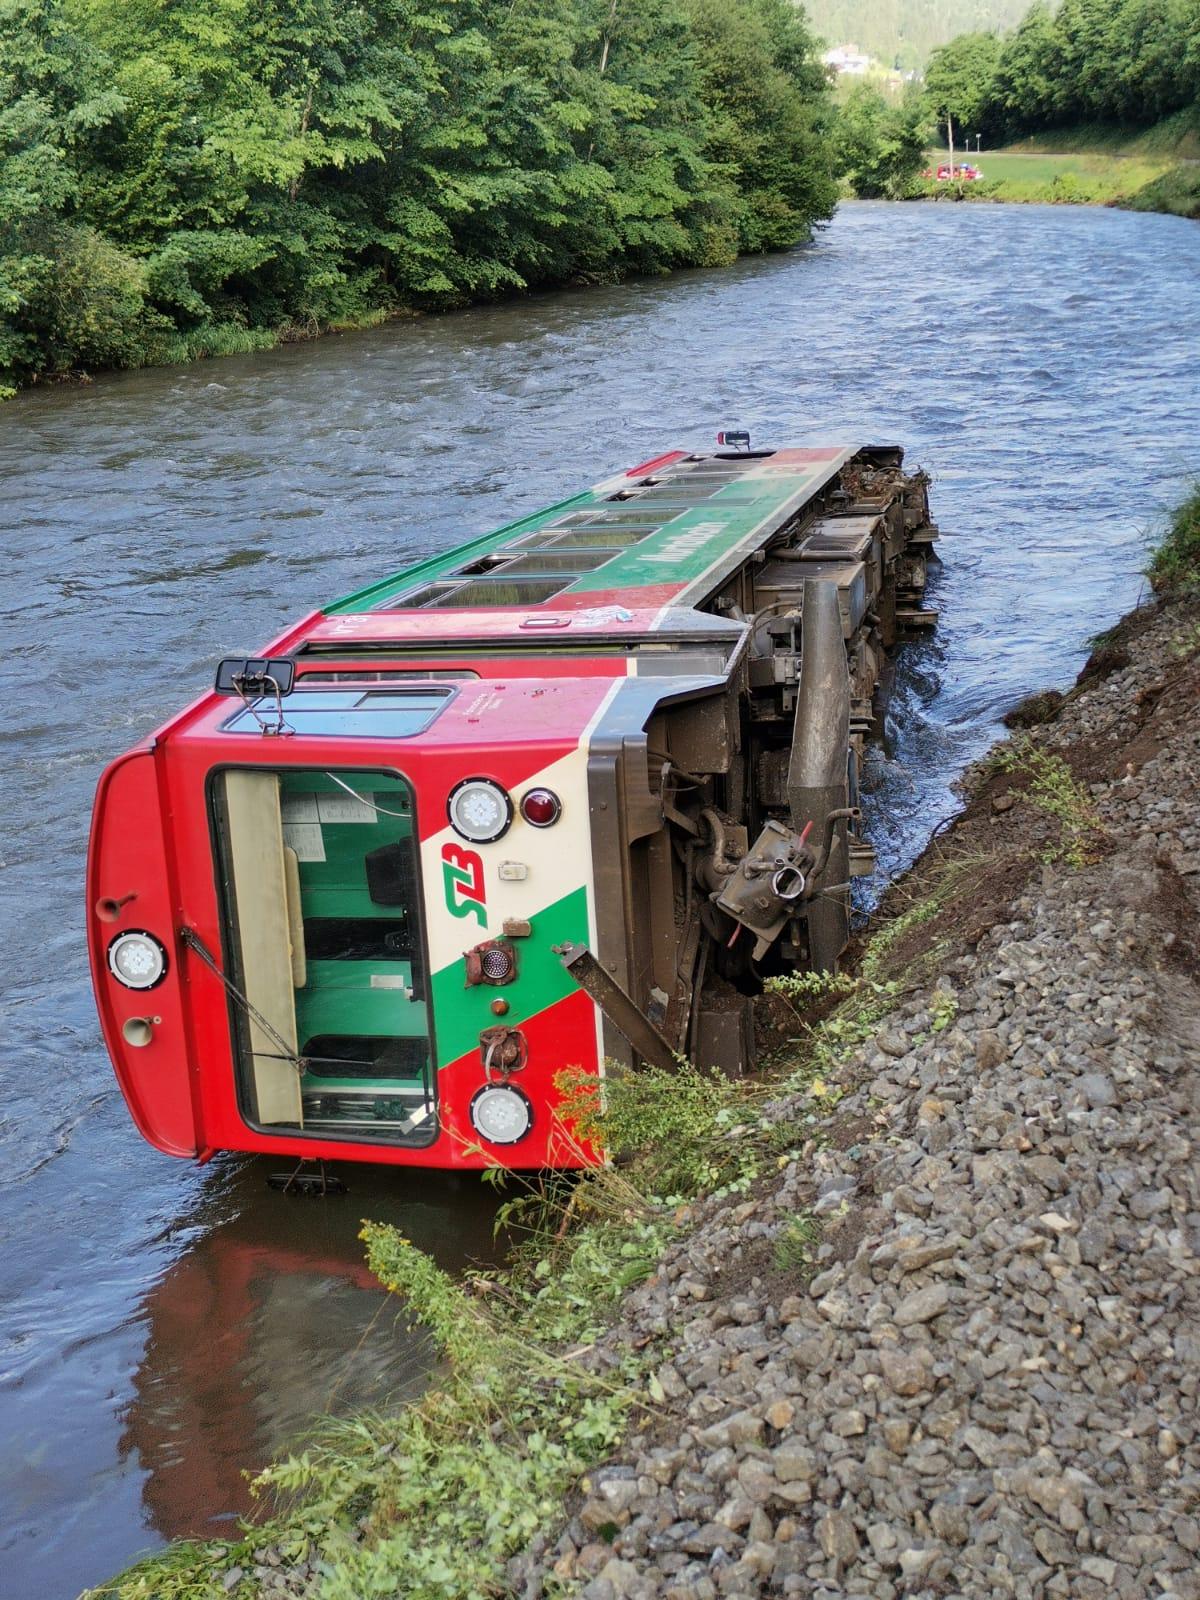 VT 31 nach dem Unfall am 9. Juli 2021 - Foto ©STB